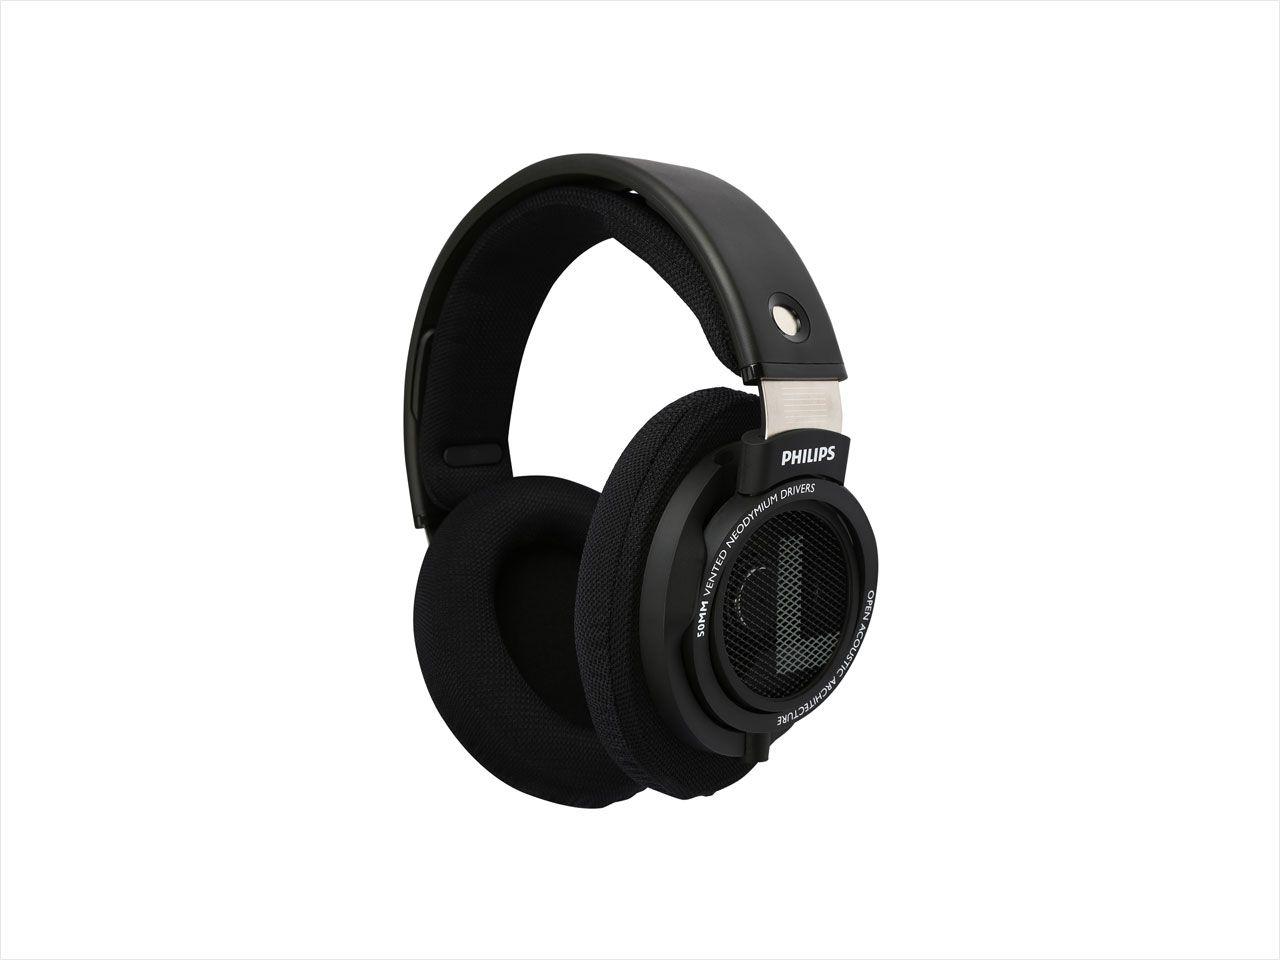 Philips SHP9500 Over-Ear Headphones-Black $59.99 fs @ nf